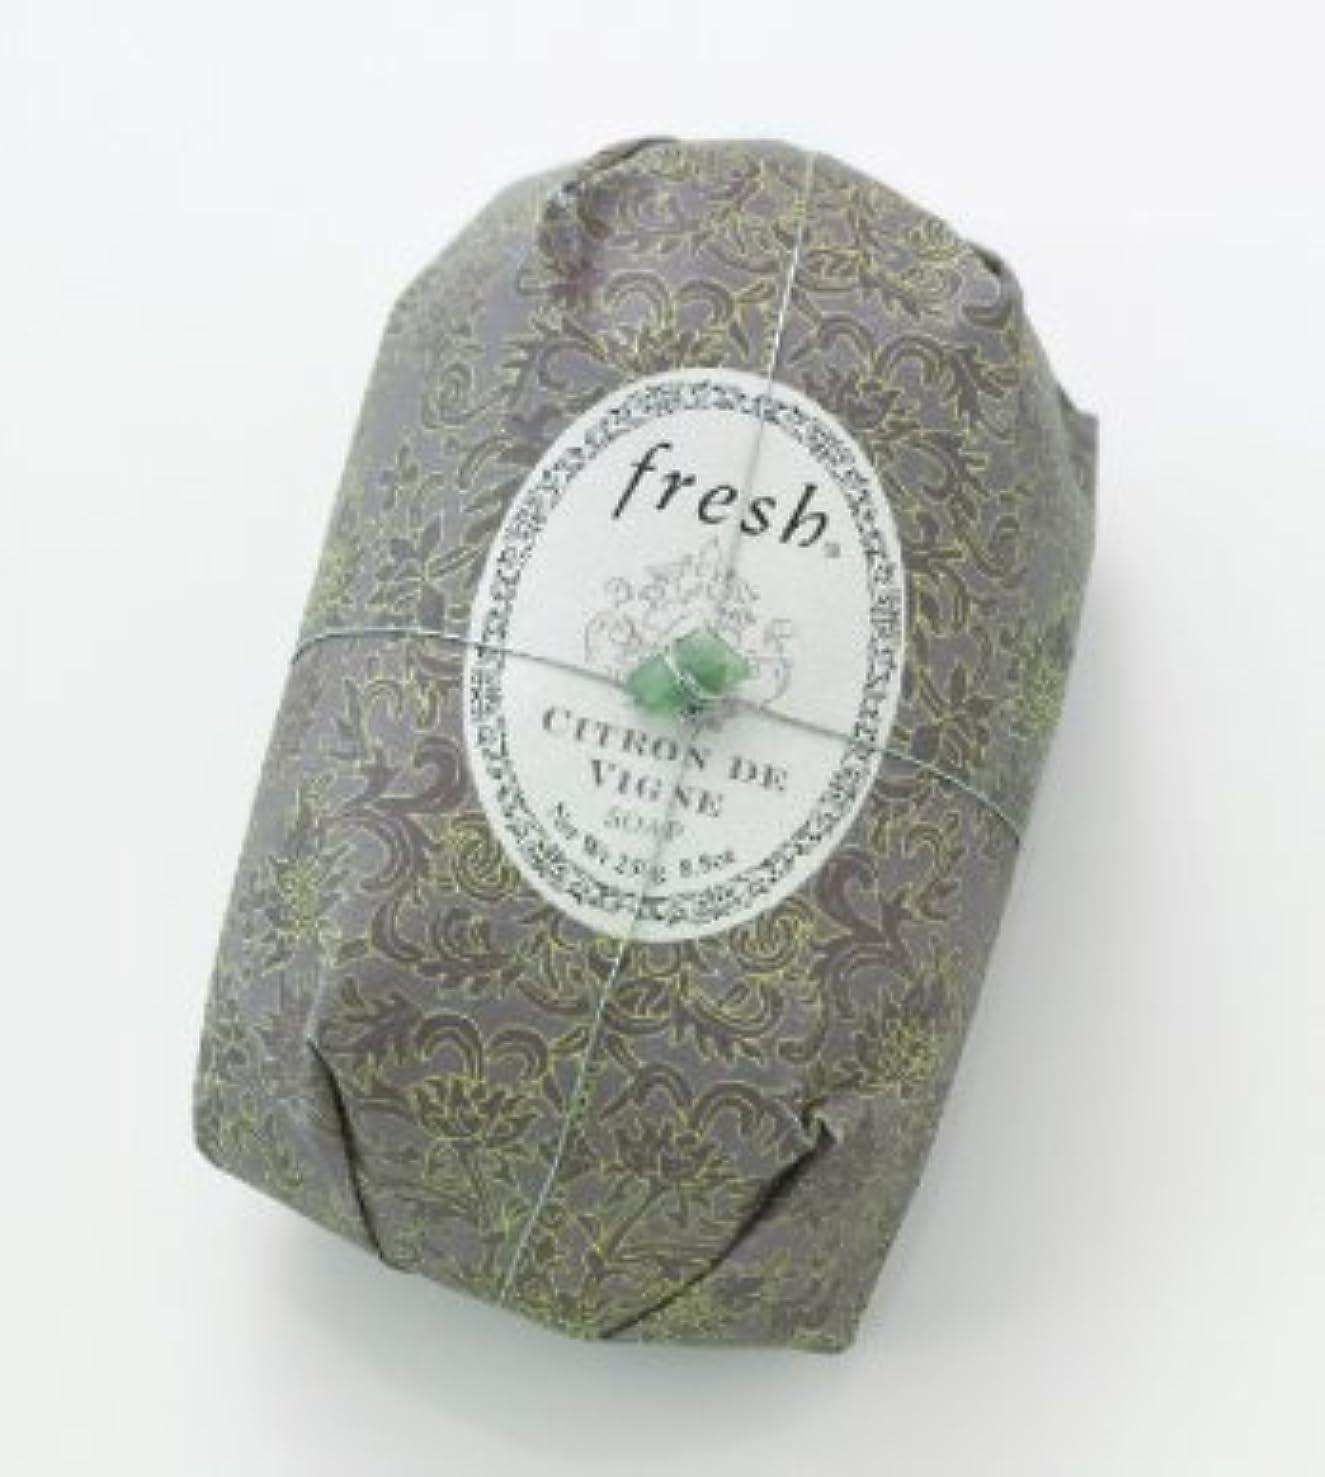 大量大工怖がらせるFresh CITRON DE VIGNE SOAP (フレッシュ シトロンデヴァイン ソープ) 8.8 oz (250g) Soap (石鹸) by Fresh